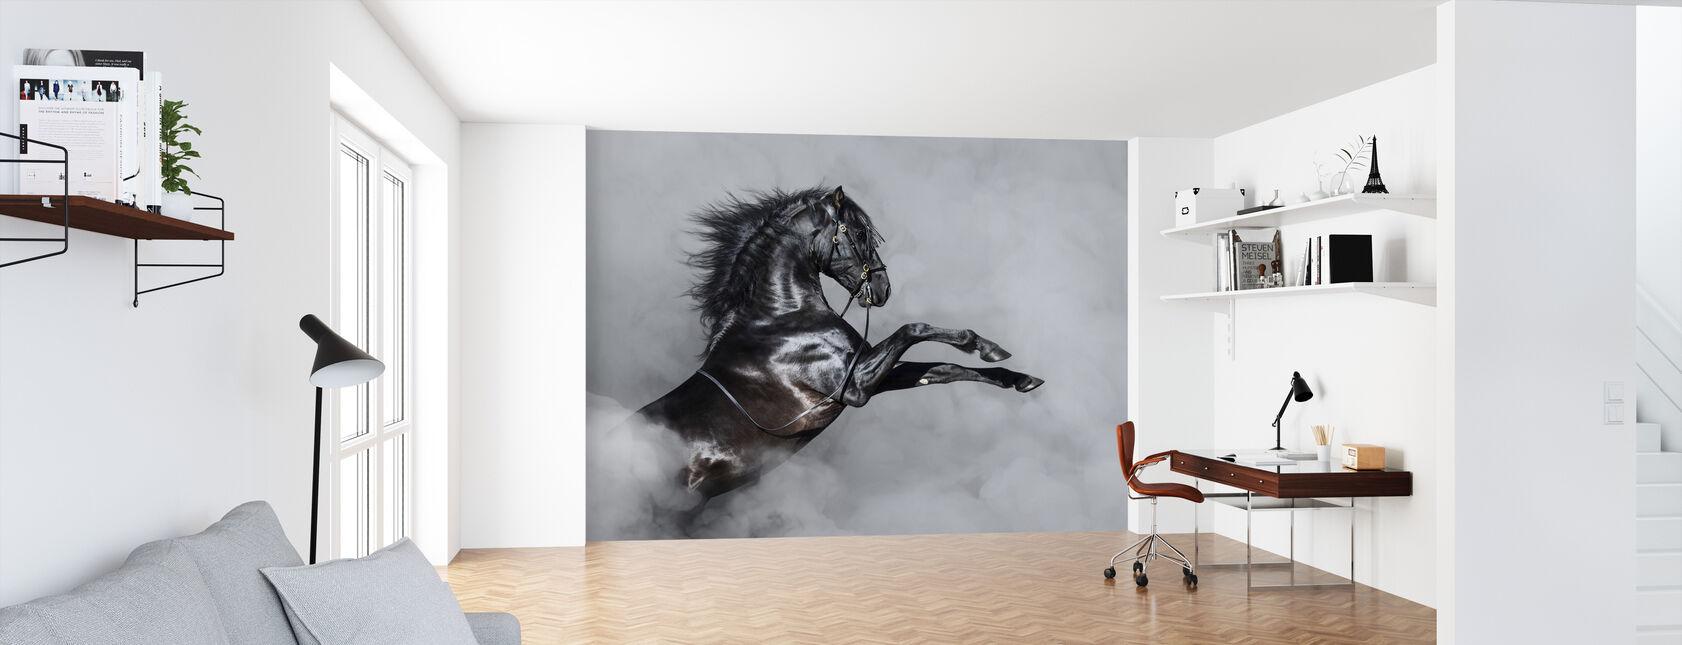 Horse Rearing in Smoke - Wallpaper - Office